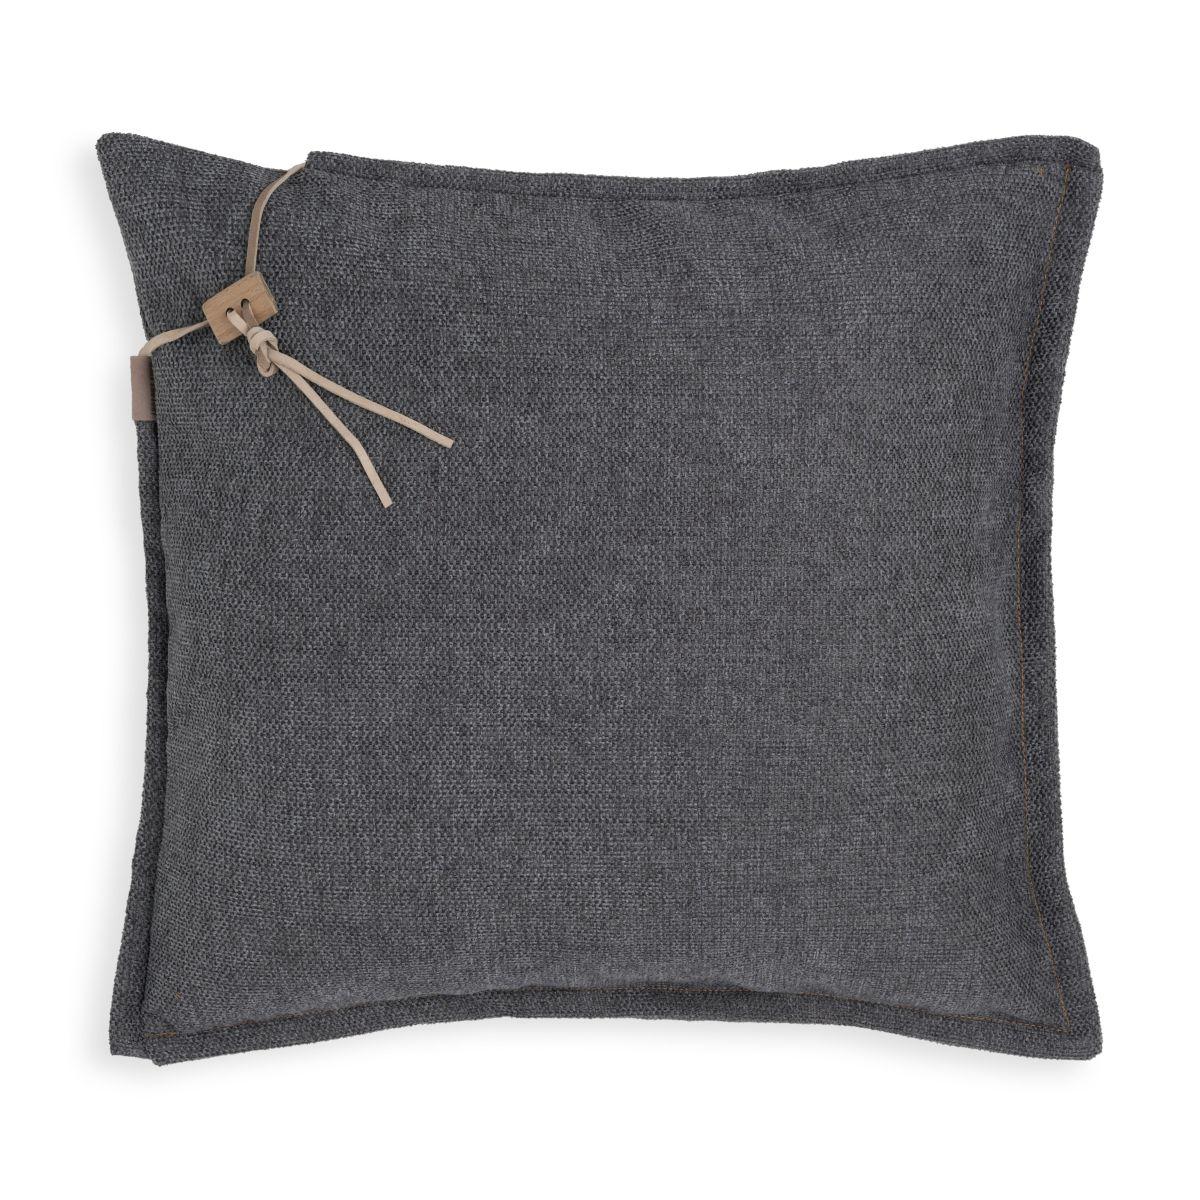 knit factory kf153012010 imre kussen antraciet 50x50 1